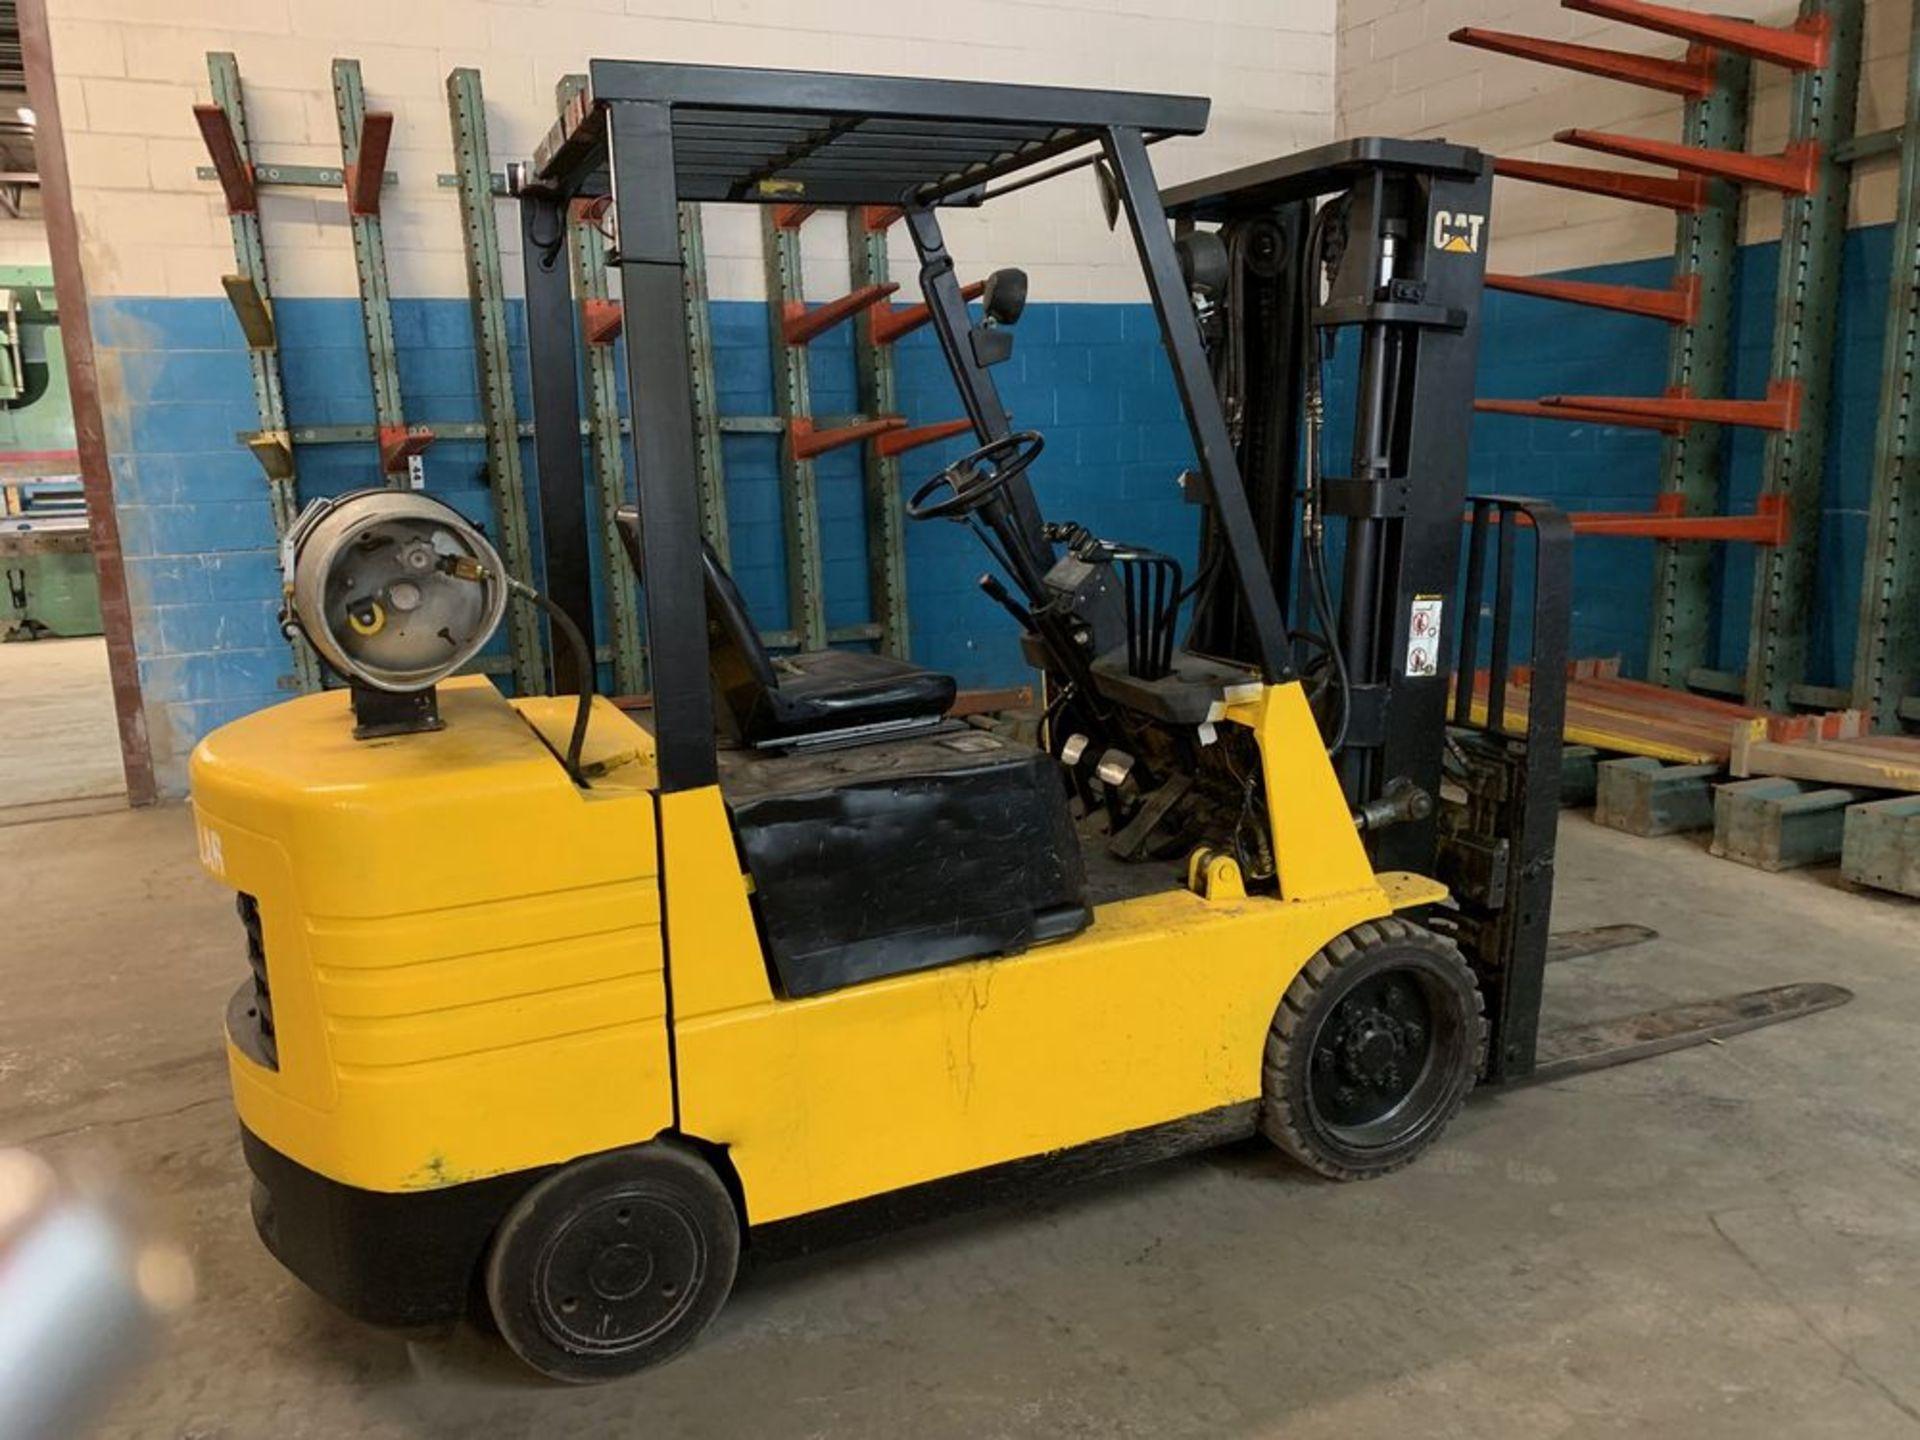 Lot 39 - 6,000 Catepillar Forklift Model GC30, Propane Tank NOT Included, s/n: 6EM01453